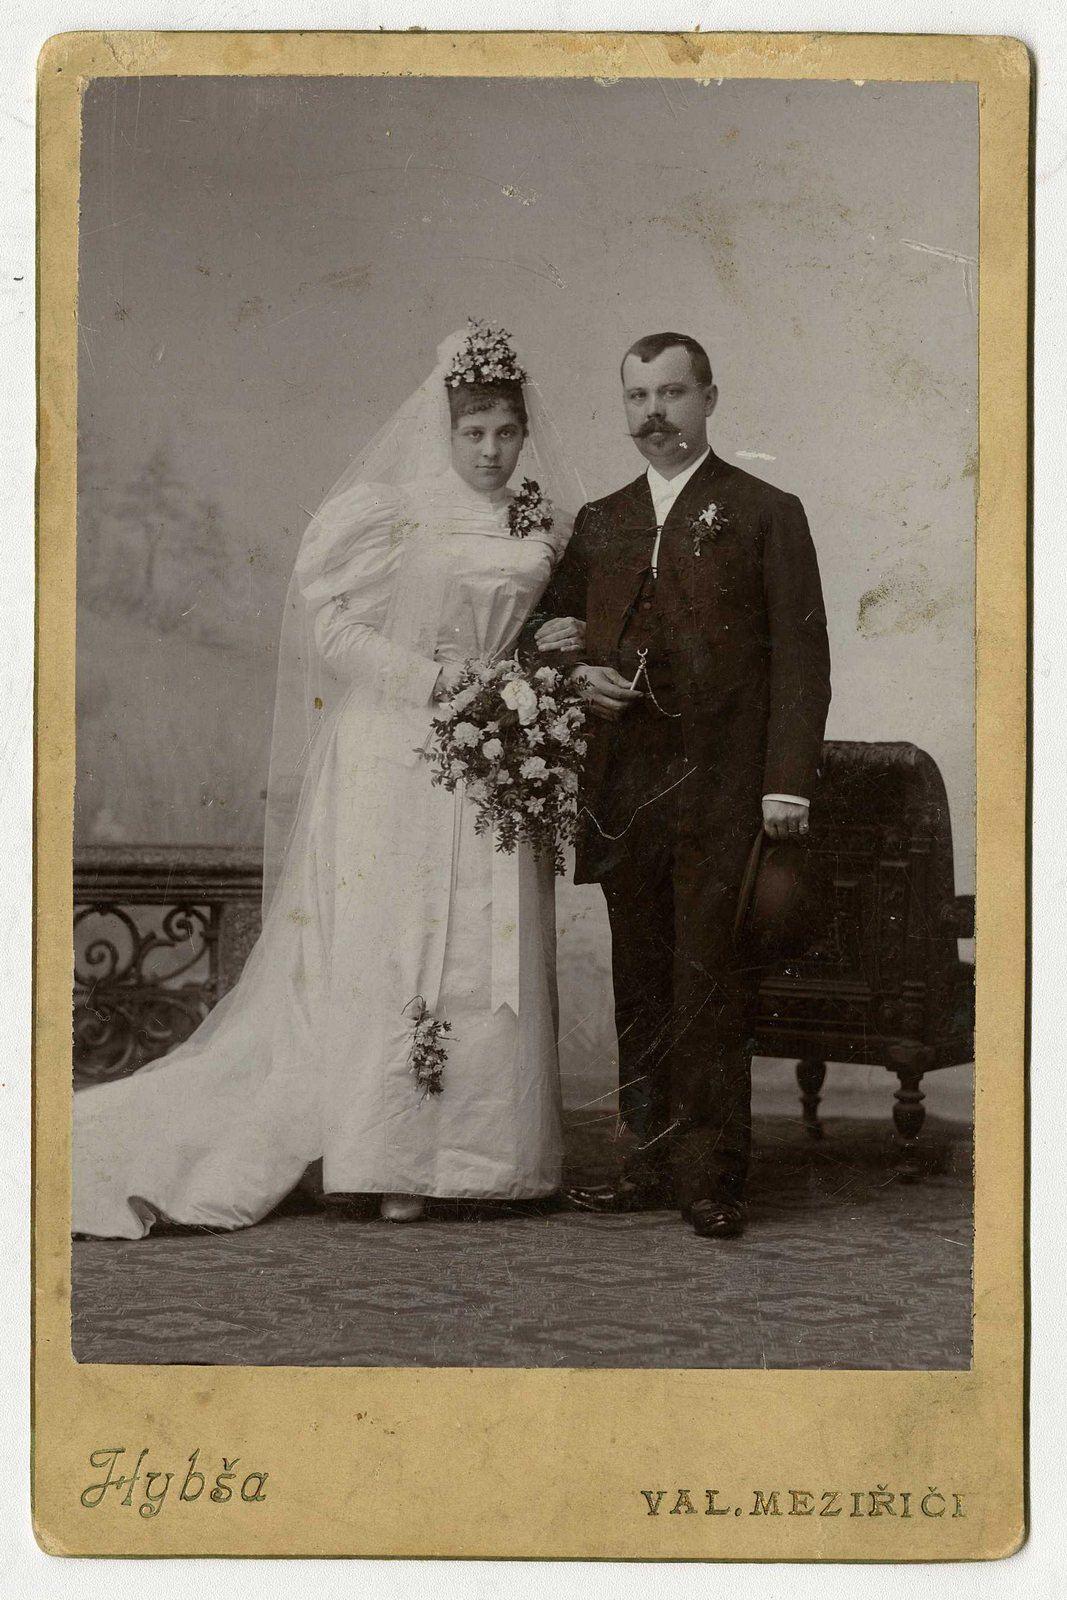 Ing. Antonín Staněk (14. 9. 1856 Nesměřice - 24. 9. 1916 Val. Meziříčí) a Marylda Richtrová (13. 6. 1872 - 17. 4. 1947) | Atelier Hybša